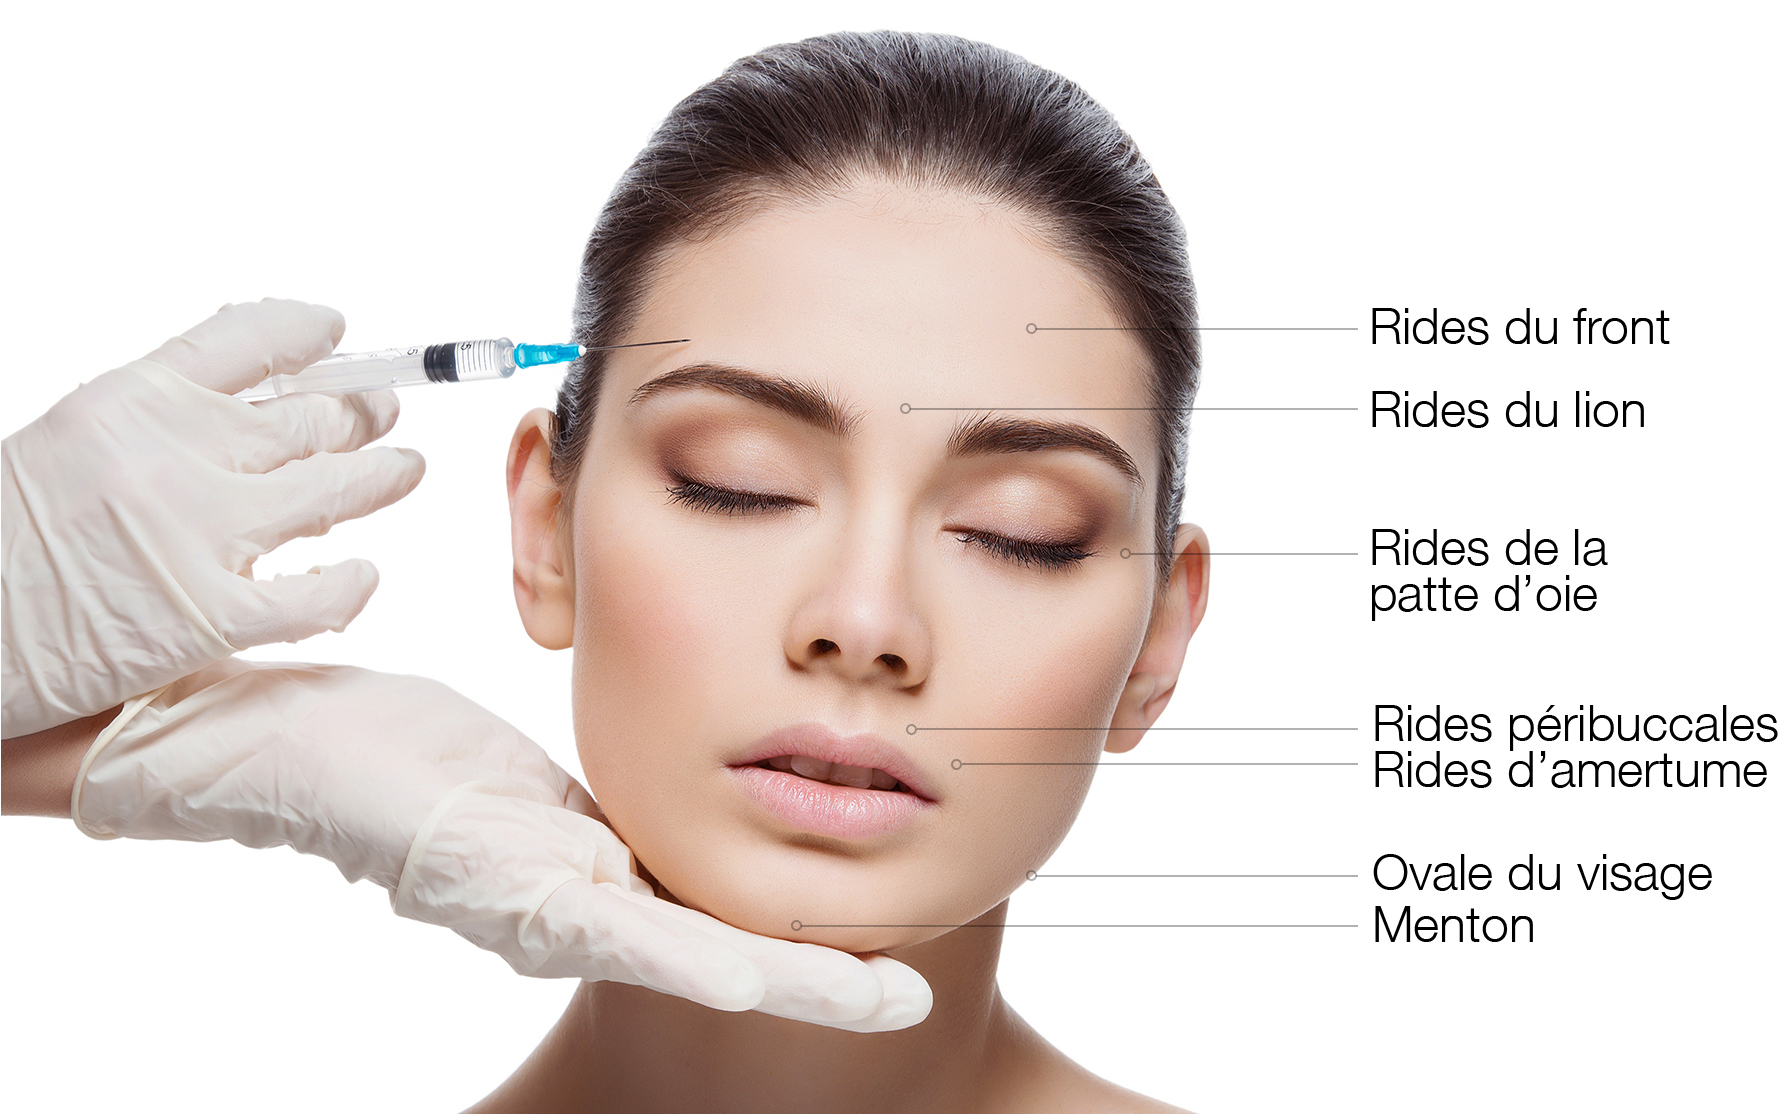 toxine botulique ophtalmologie cancerul de piele se vindeca